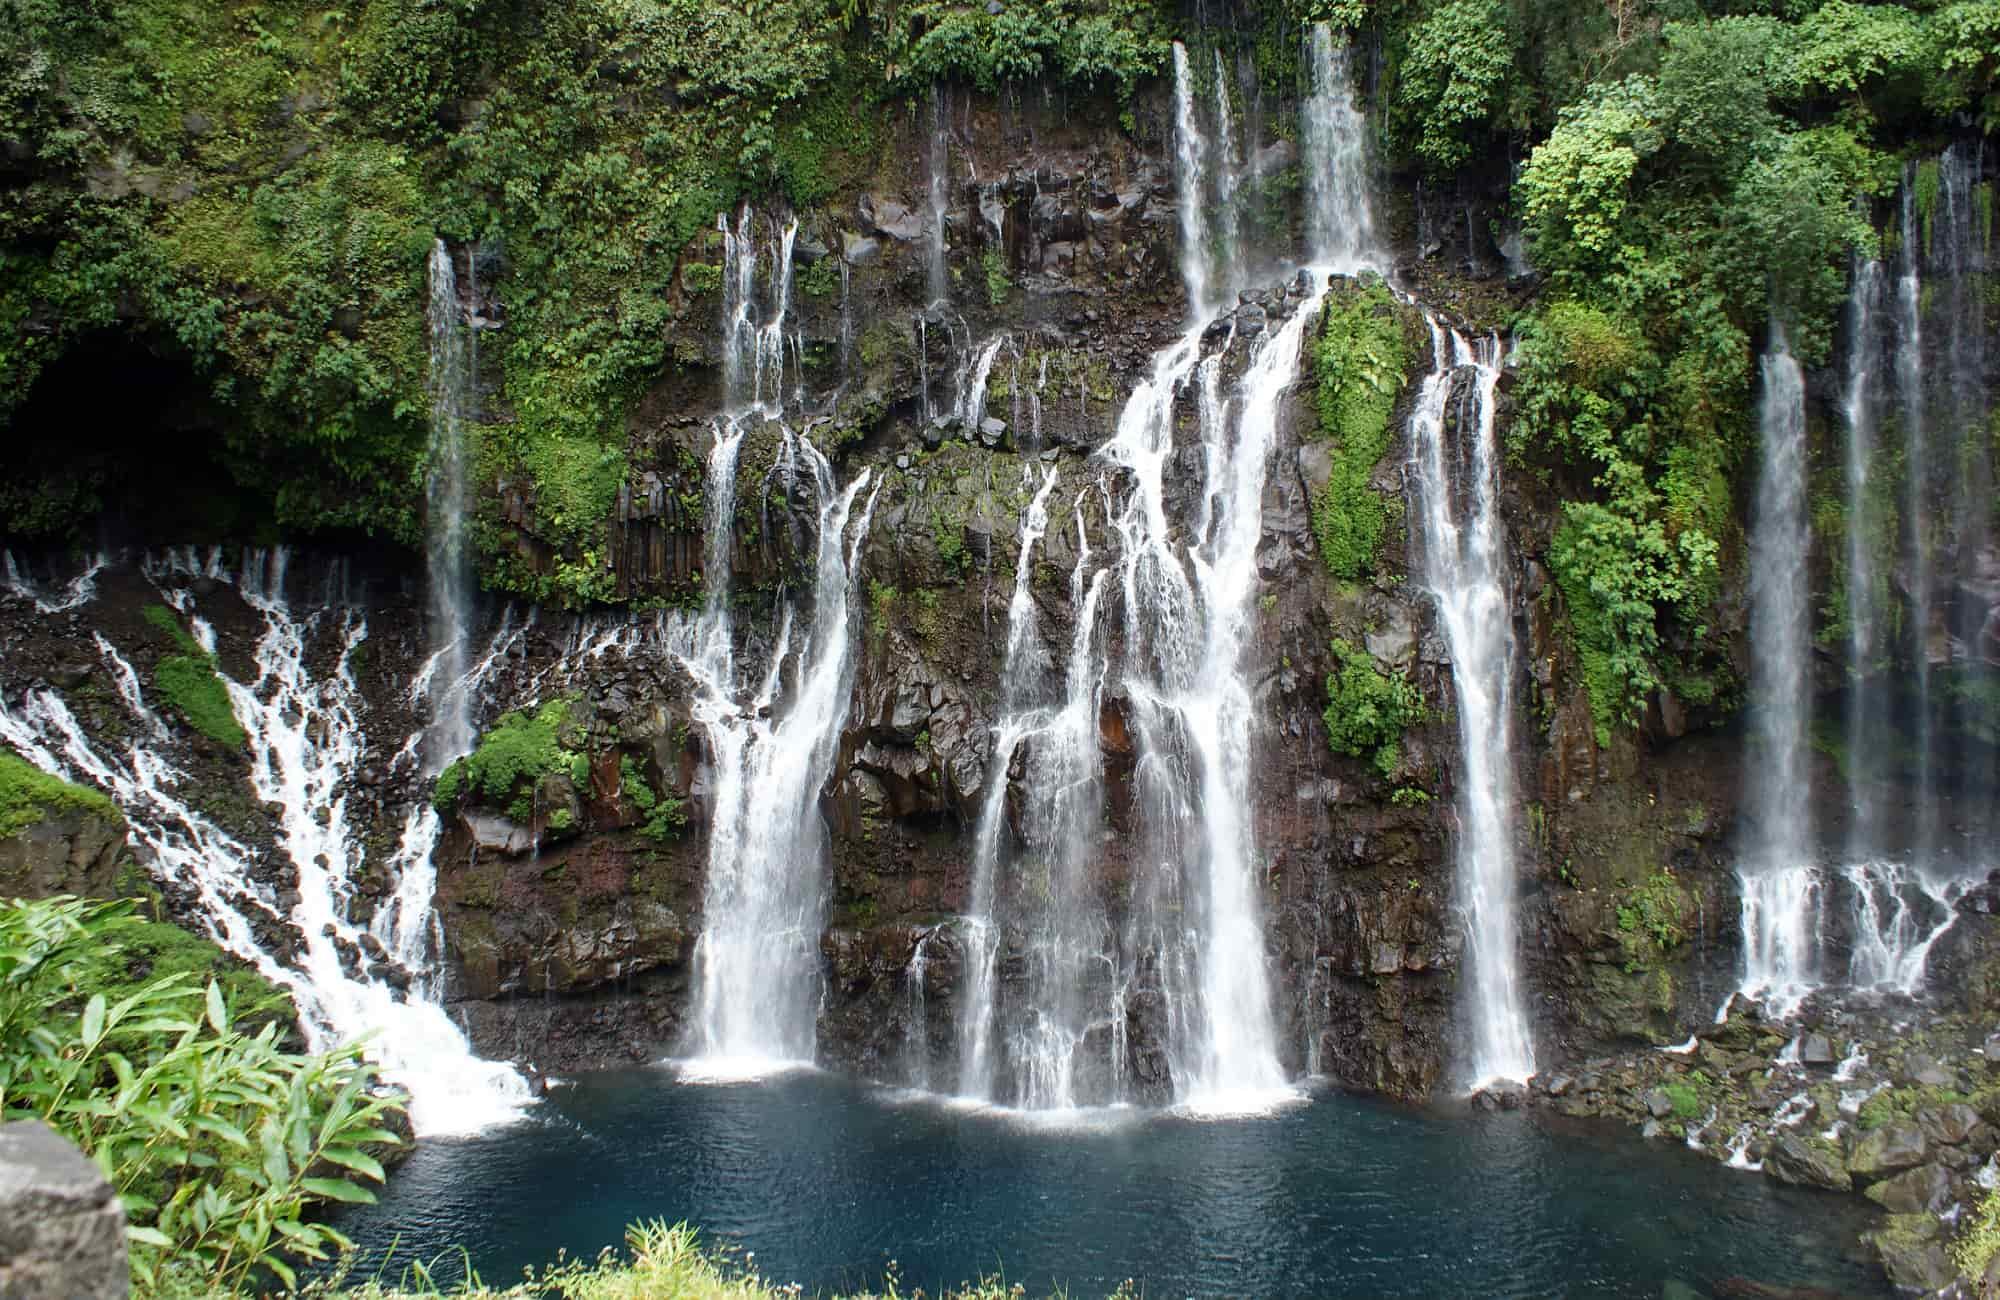 Voyage à La Réunion - Les cascades de La Réunion - Amplitudes